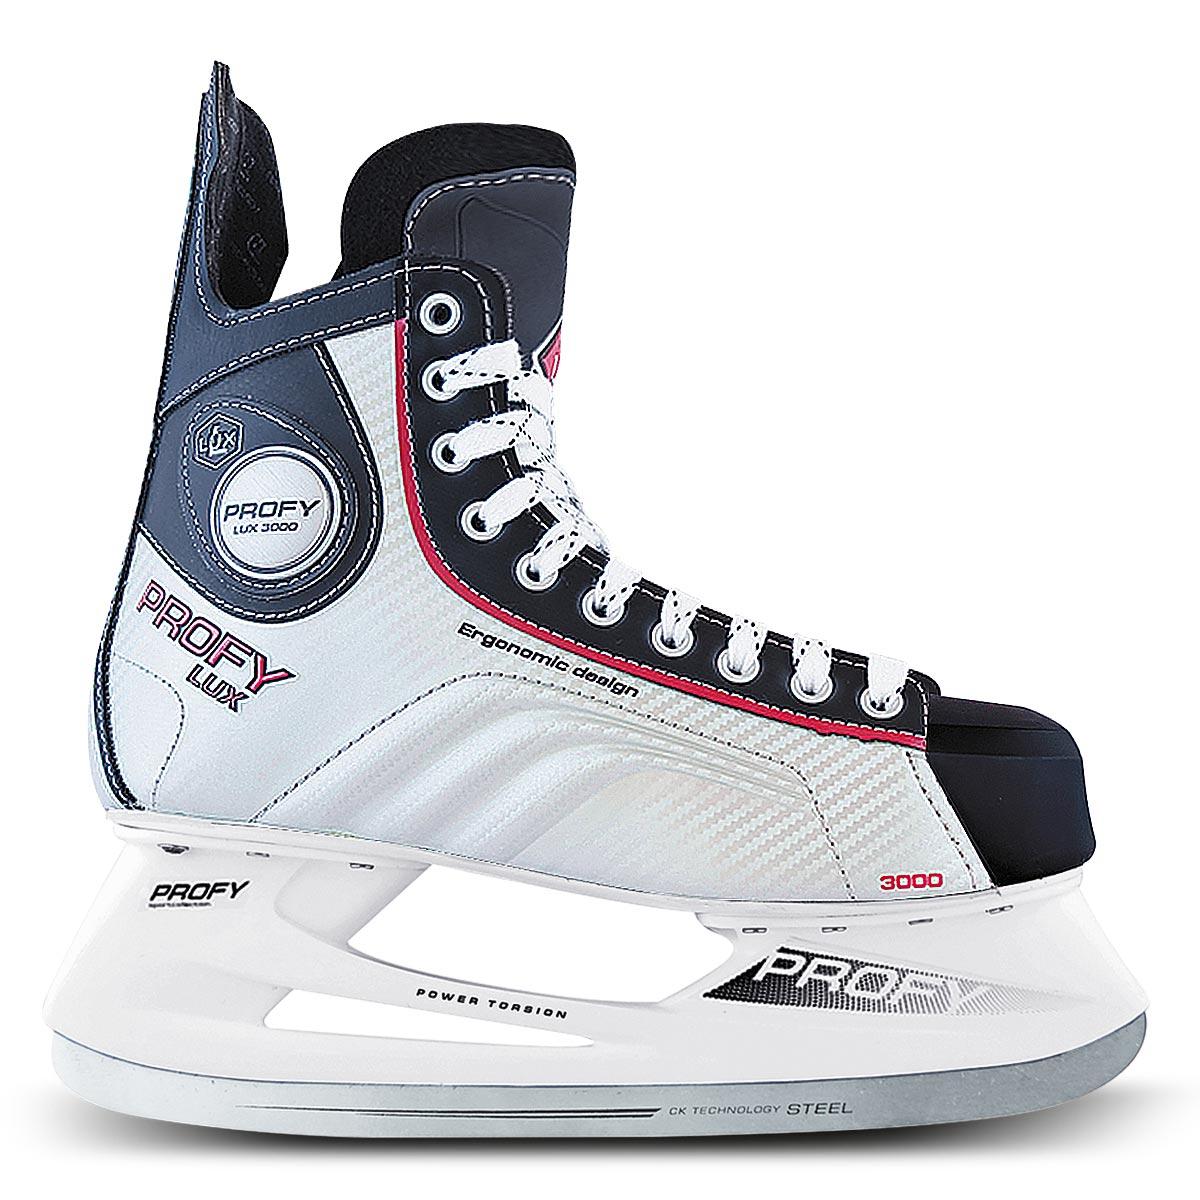 Коньки хоккейные мужские СК Profy Lux 3000, цвет: черный, серебряный, красный. Размер 43PROFY LUX 3000 Red_43Коньки хоккейные мужские СК Profy Lux 3000 прекрасно подойдут для профессиональных игроков в хоккей. Ботинок выполнен из морозоустойчивой искусственной кожи и специального резистентного ПВХ, а язычок - из двухслойного войлока и искусственной кожи. Слоевая композитная технология позволила изготовить ботинок, полностью обволакивающий ногу. Это обеспечивает прочную и удобную фиксацию ноги, повышает защиту от ударов. Ботинок изготовлен с учетом антропометрии стоп россиян, что обеспечивает комфорт и устойчивость ноги, правильное распределение нагрузки, сильно снижает травмоопасность. Конструкция носка ботинка, изготовленного из ударопрочного энергопоглощающего термопластичного полиуретана Hytrel® (DuPont), обеспечивает увеличенную надежность защиты передней части ступни от ударов. Усиленные боковины ботинка из формованного PVC укрепляют боковую часть ботинка и дополнительно защищают ступню от ударов за счет поглощения энергии. Тип застежки ботинок – классическая шнуровка. Стелька из упругого пенного полимерного материала EVA гарантирует комфортное положение ноги в ботинке, обеспечивает быструю адаптацию ботинка к индивидуальным формам ноги, не теряет упругости при изменении температуры и не разрушается от воздействия пота и влаги. Легкая прочная низкопрофильная полимерная подошва инжекционного формования практически без потерь передает энергию от толчка ноги к лезвию – быстрее набор скорости, резче повороты и остановки, острее чувство льда. Лезвие из нержавеющей стали 420J обеспечит превосходное скольжение.